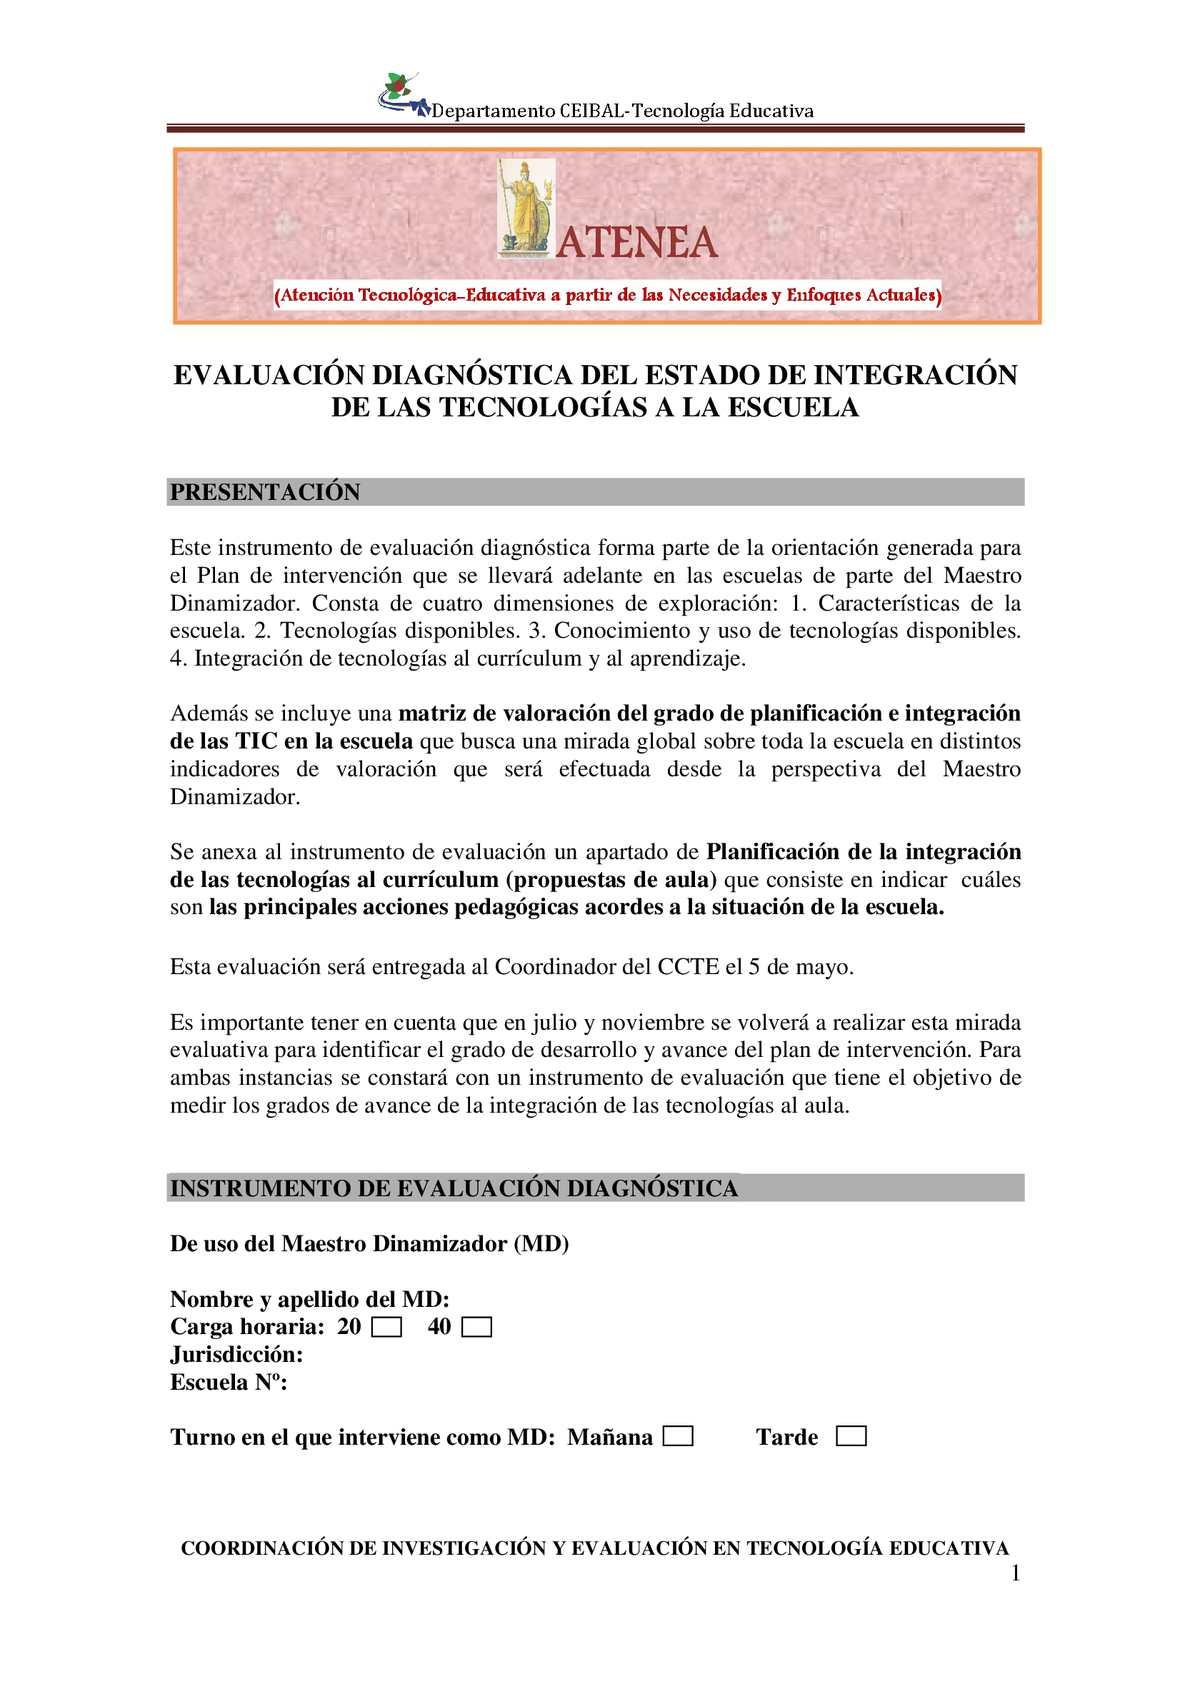 Calaméo - Instrumento evaluación Dinamizadores - ATENEA